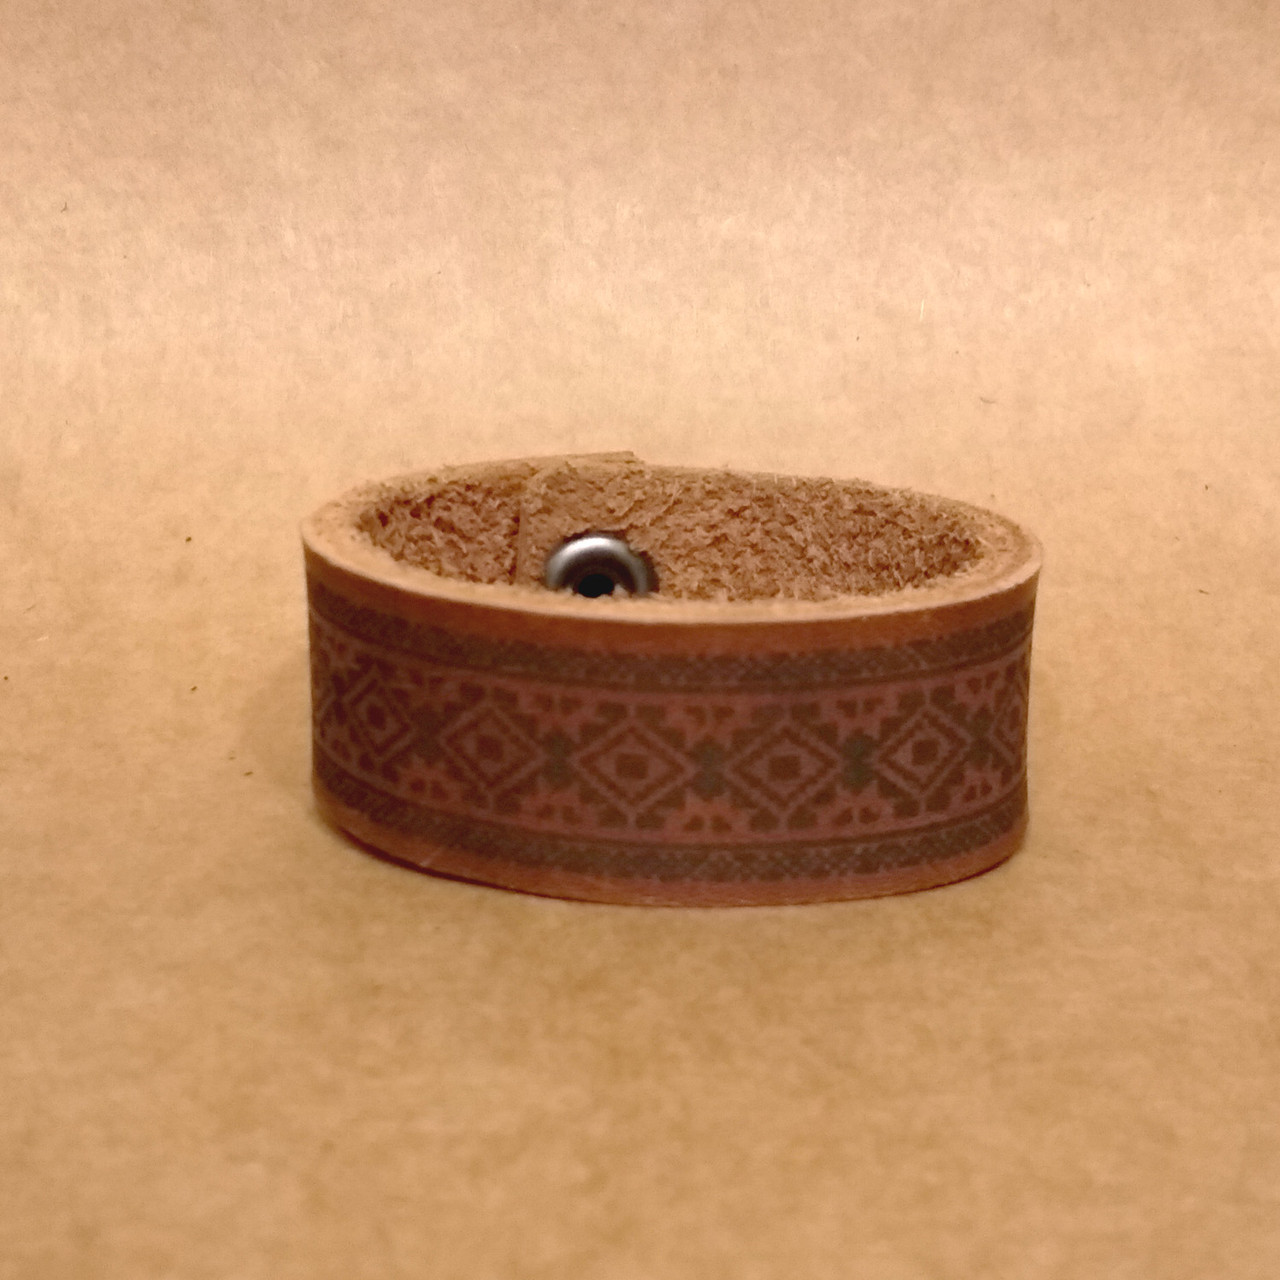 Браслет из натуральной кожи. Кожаный браслет ручной работы.